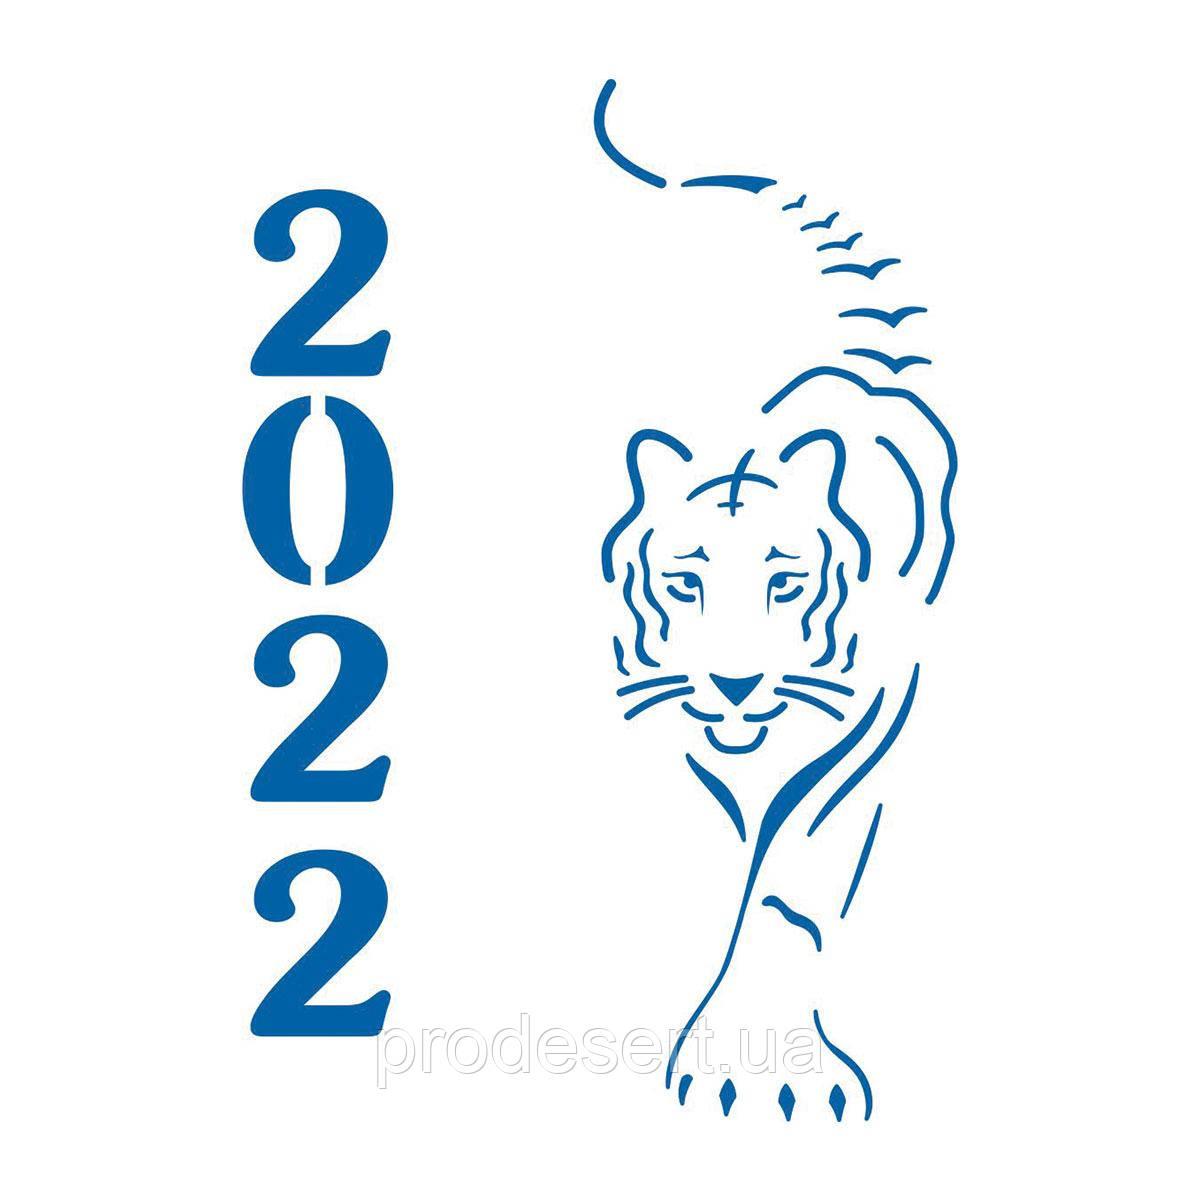 Тигр 2022 трафарет для пряника 10*7 см (TR-2)